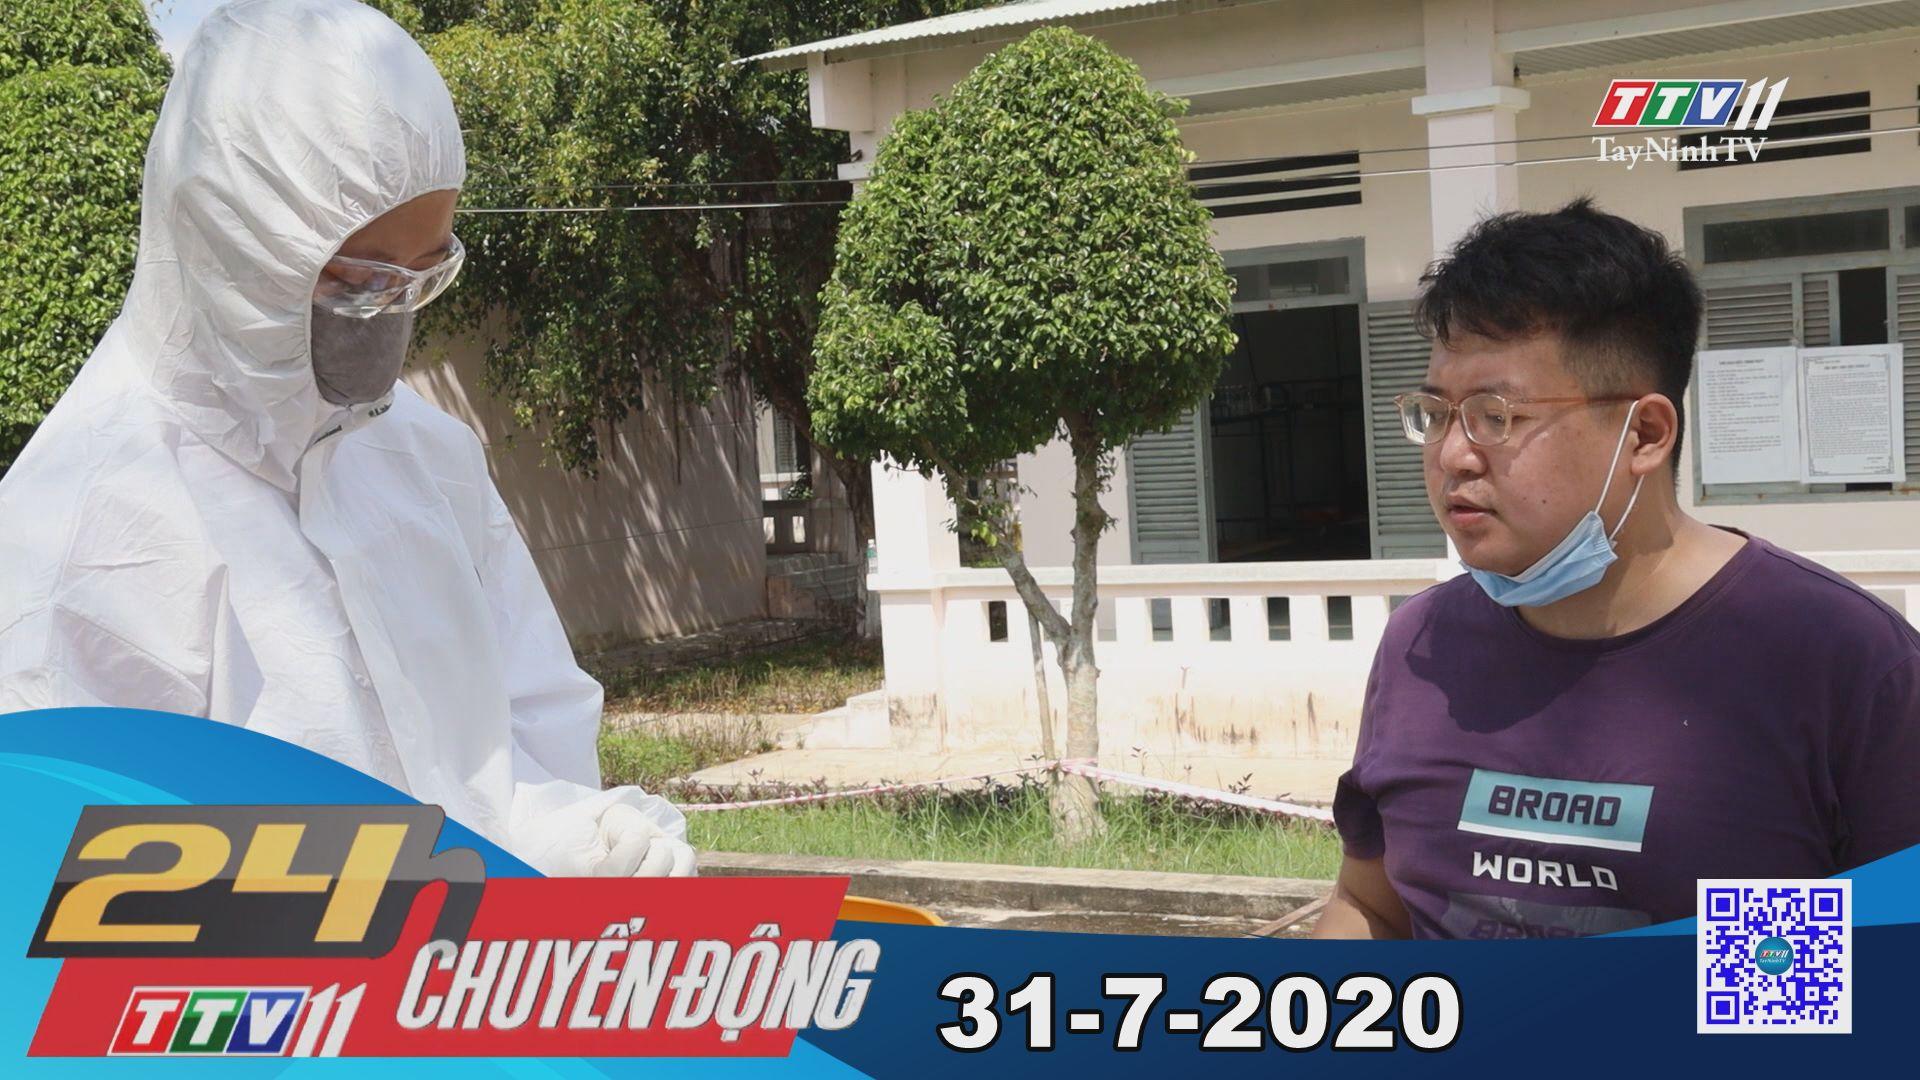 24h Chuyển động 31-7-2020 | Tin tức hôm nay | TayNinhTV